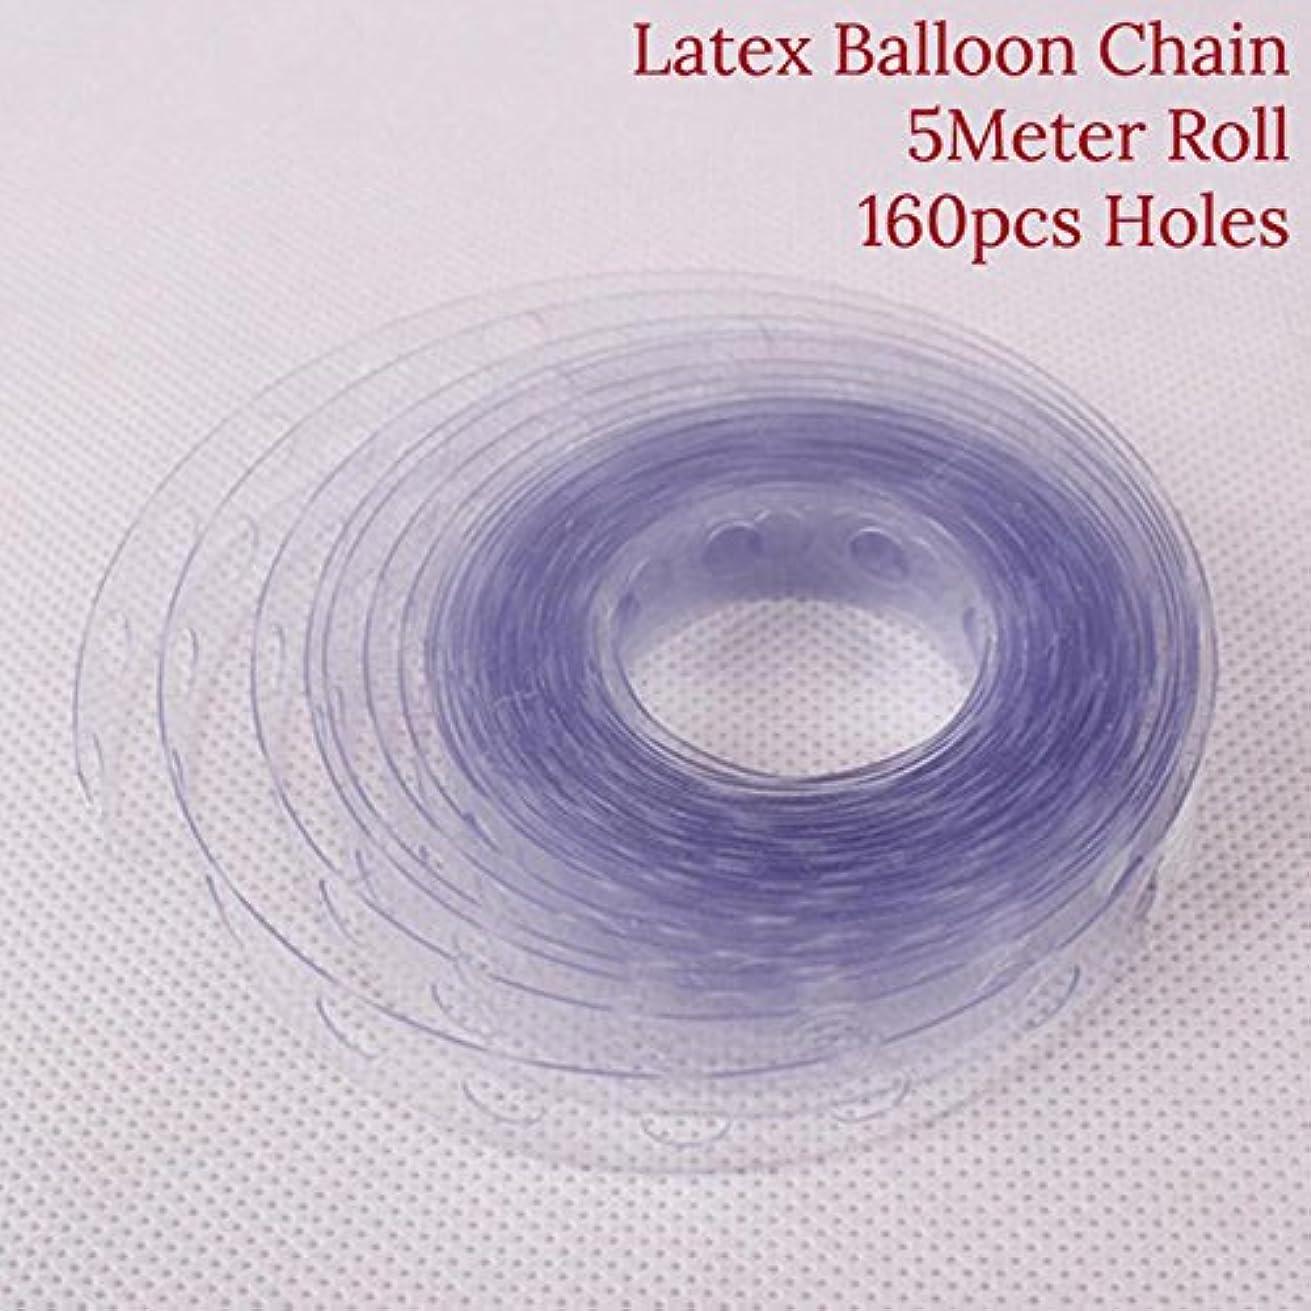 5M/roll Wedding Decor Helium Latex Balloon Transparent PVC Rubber Chain Air Balloon Arch Chain Birhday Party Supplies DIY